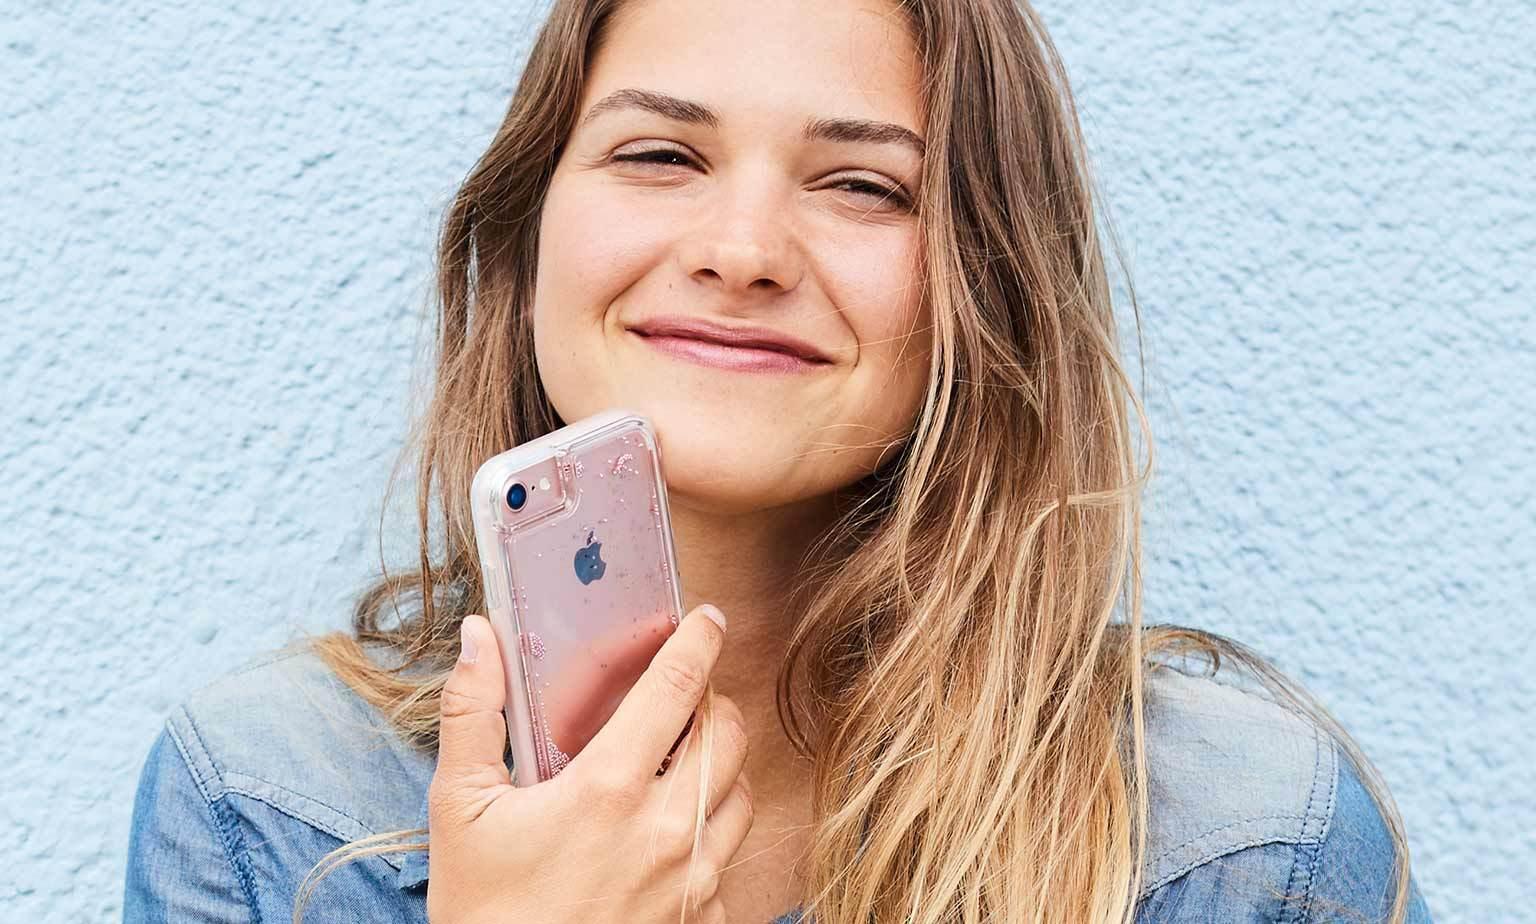 iPhone gebraucht